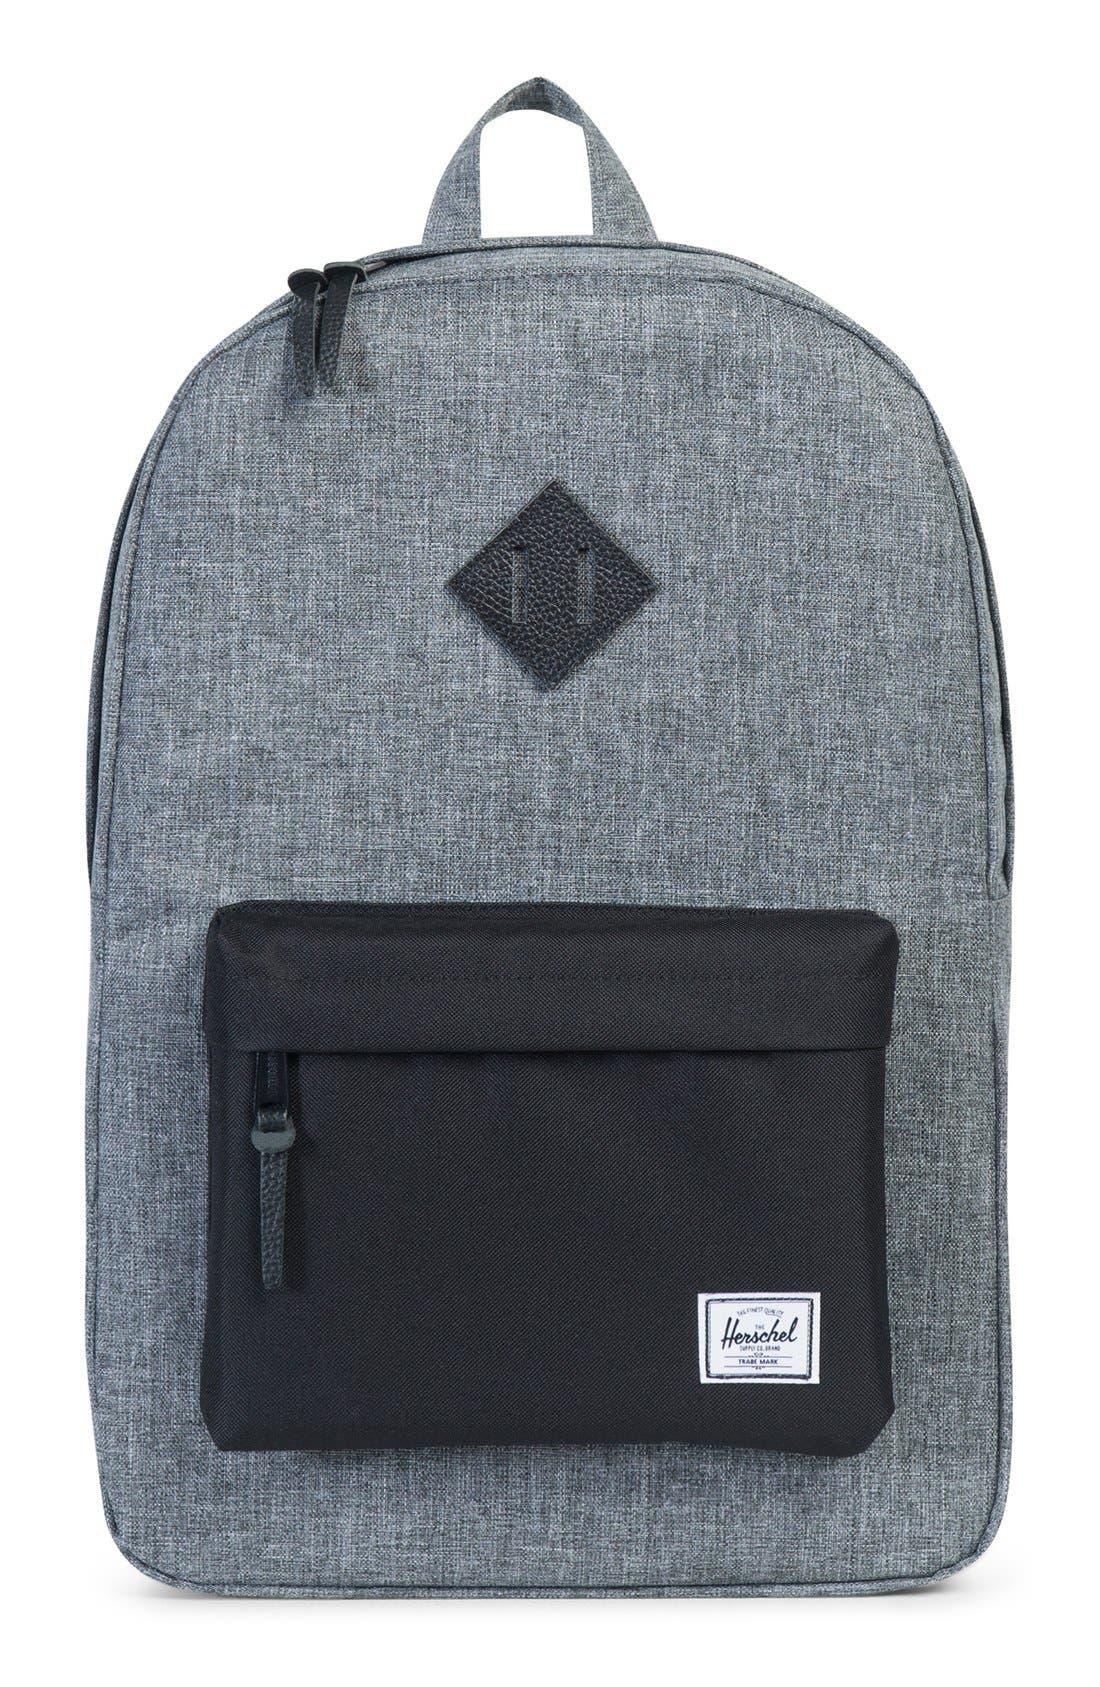 Heritage Backpack,                         Main,                         color, Raven Crosshatch/ Black